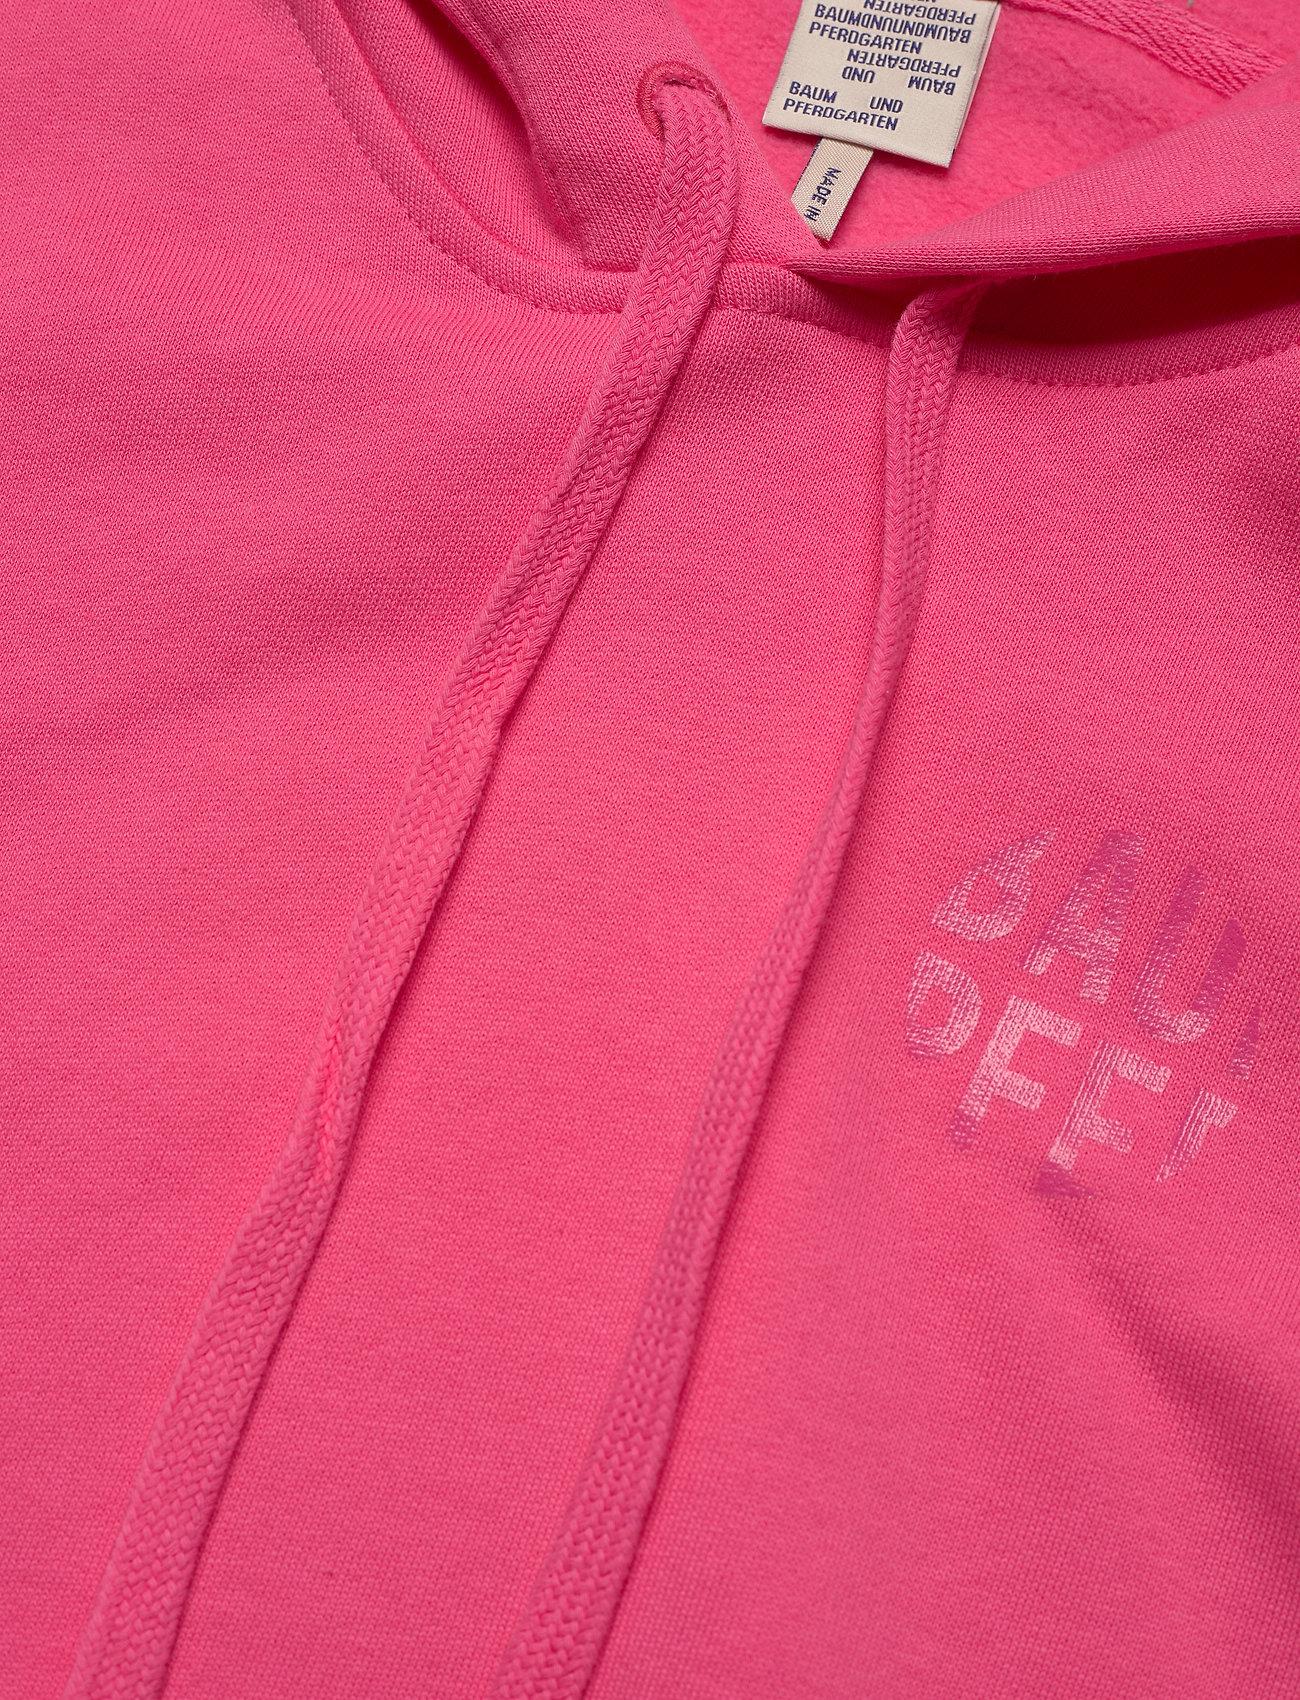 Baum und Pferdgarten - JEROMA - sweatshirts & hoodies - hot pink - 2